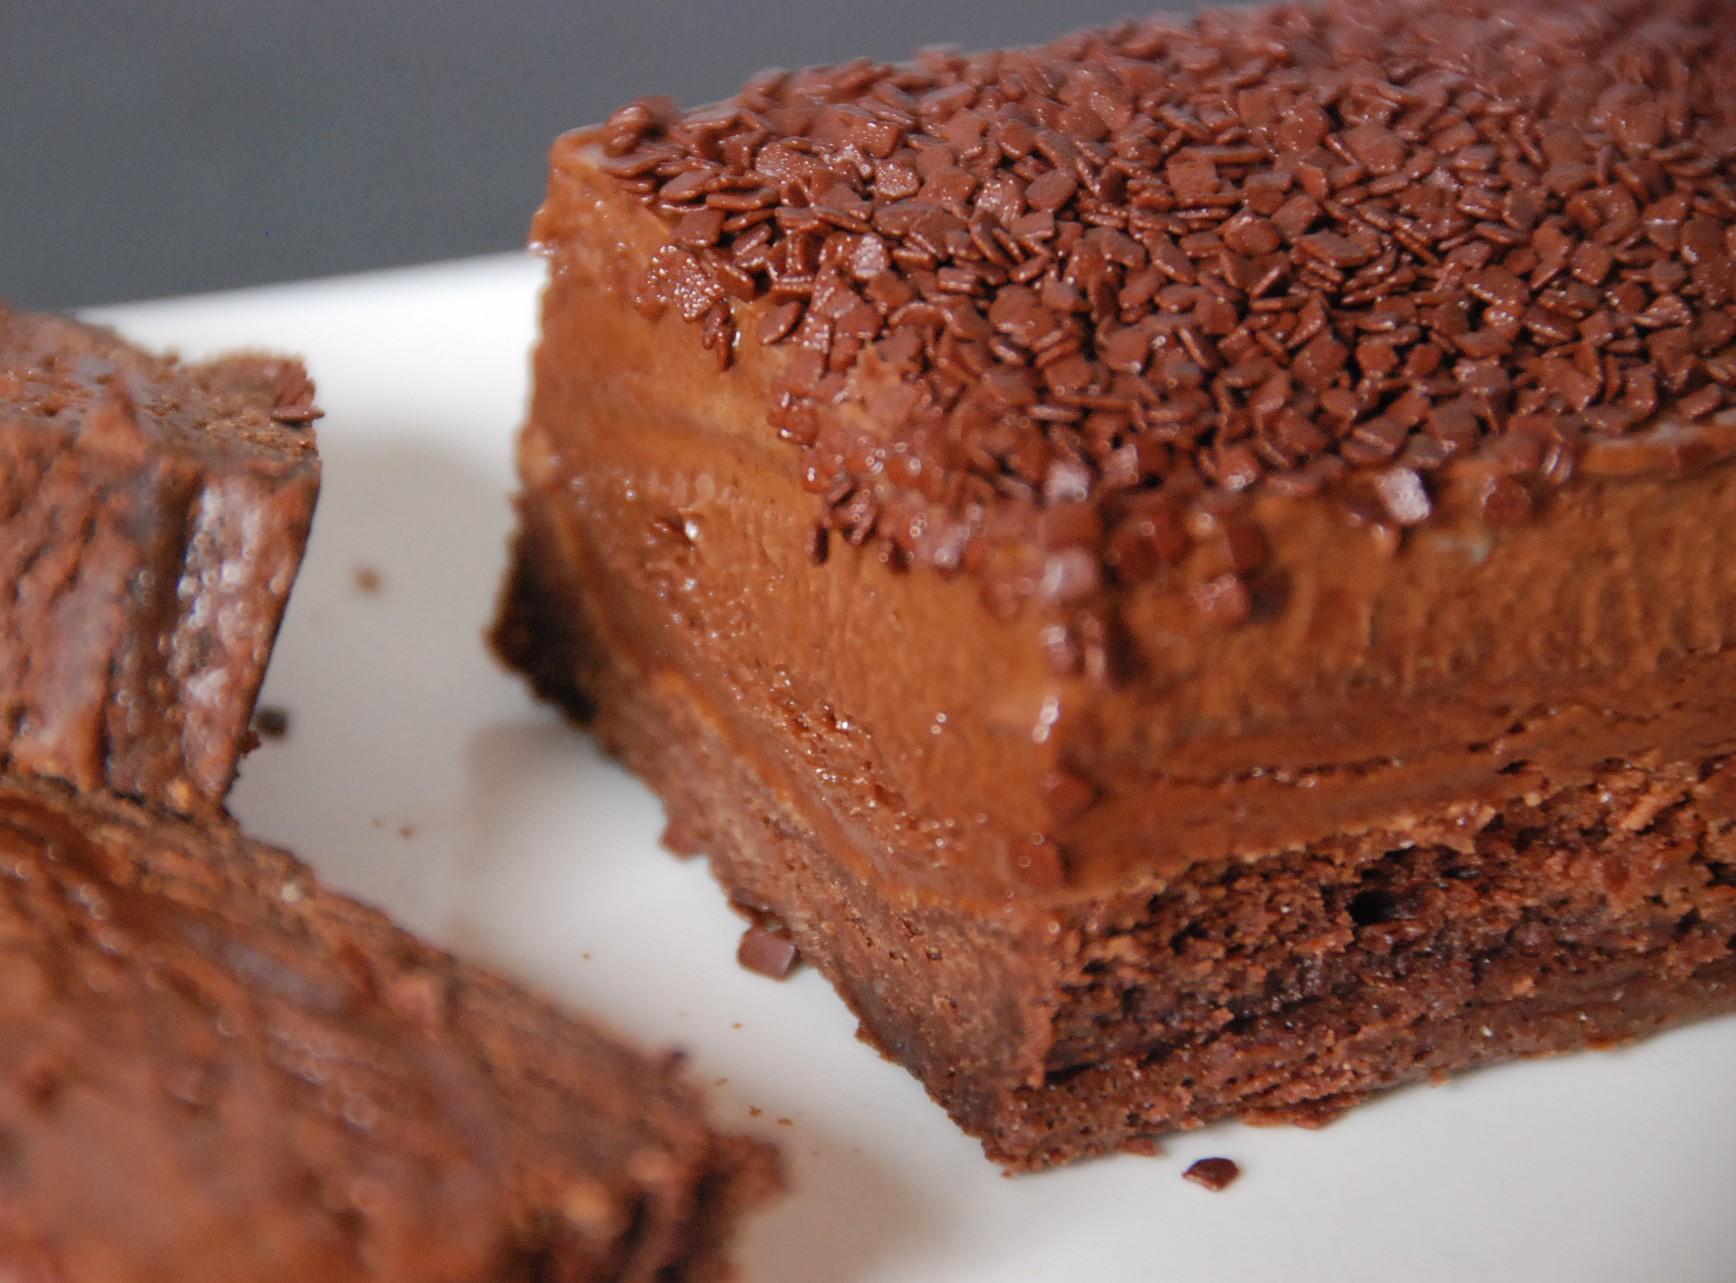 Recette du meilleur gateau au chocolat facile